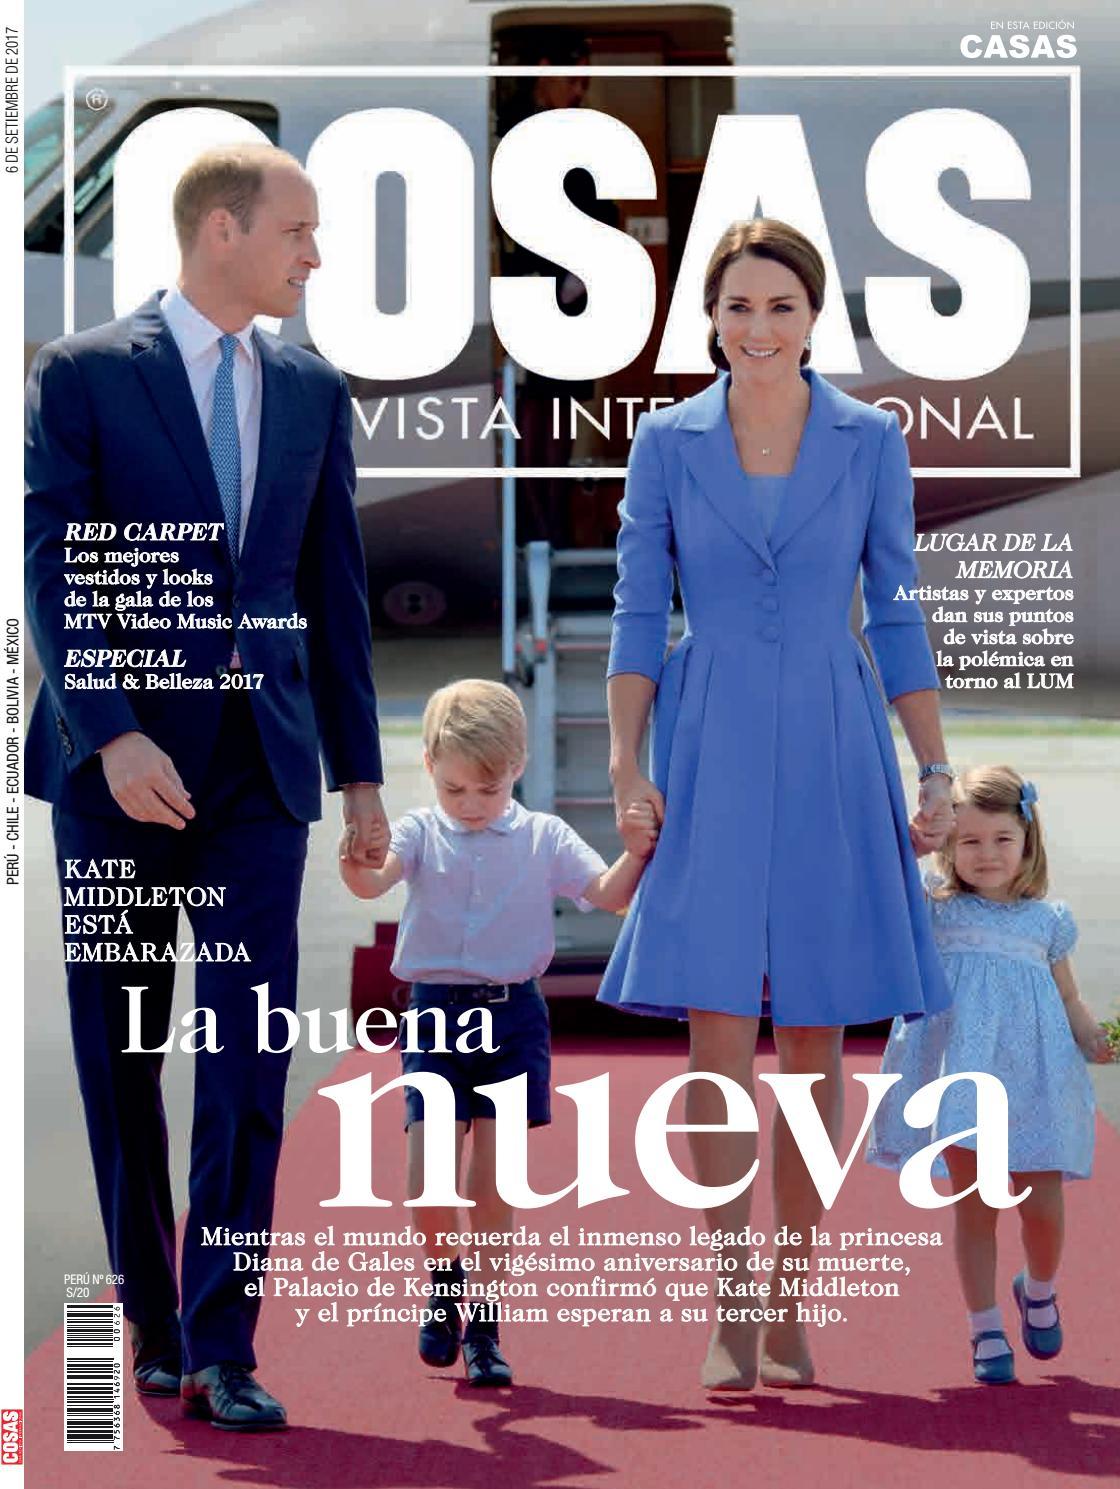 Actrices Porno Vestidas De Epoca Años 20 revista cosas - edición 626revista cosas perú - issuu